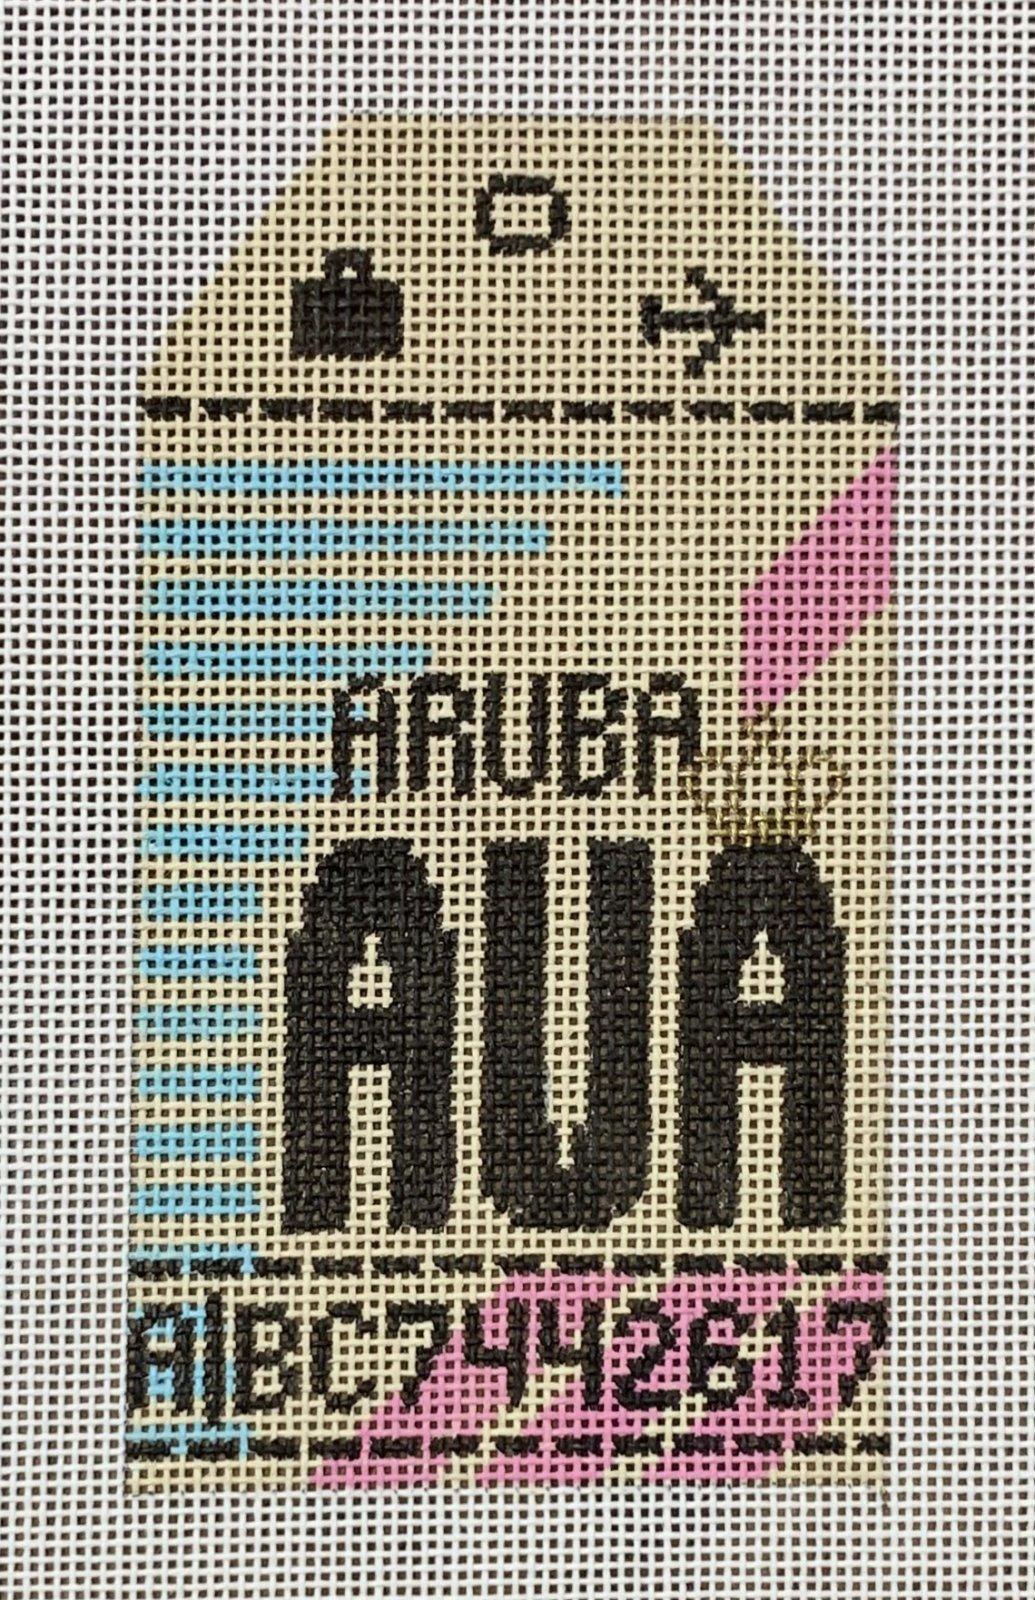 Vintage Luggage Tag - Aruba